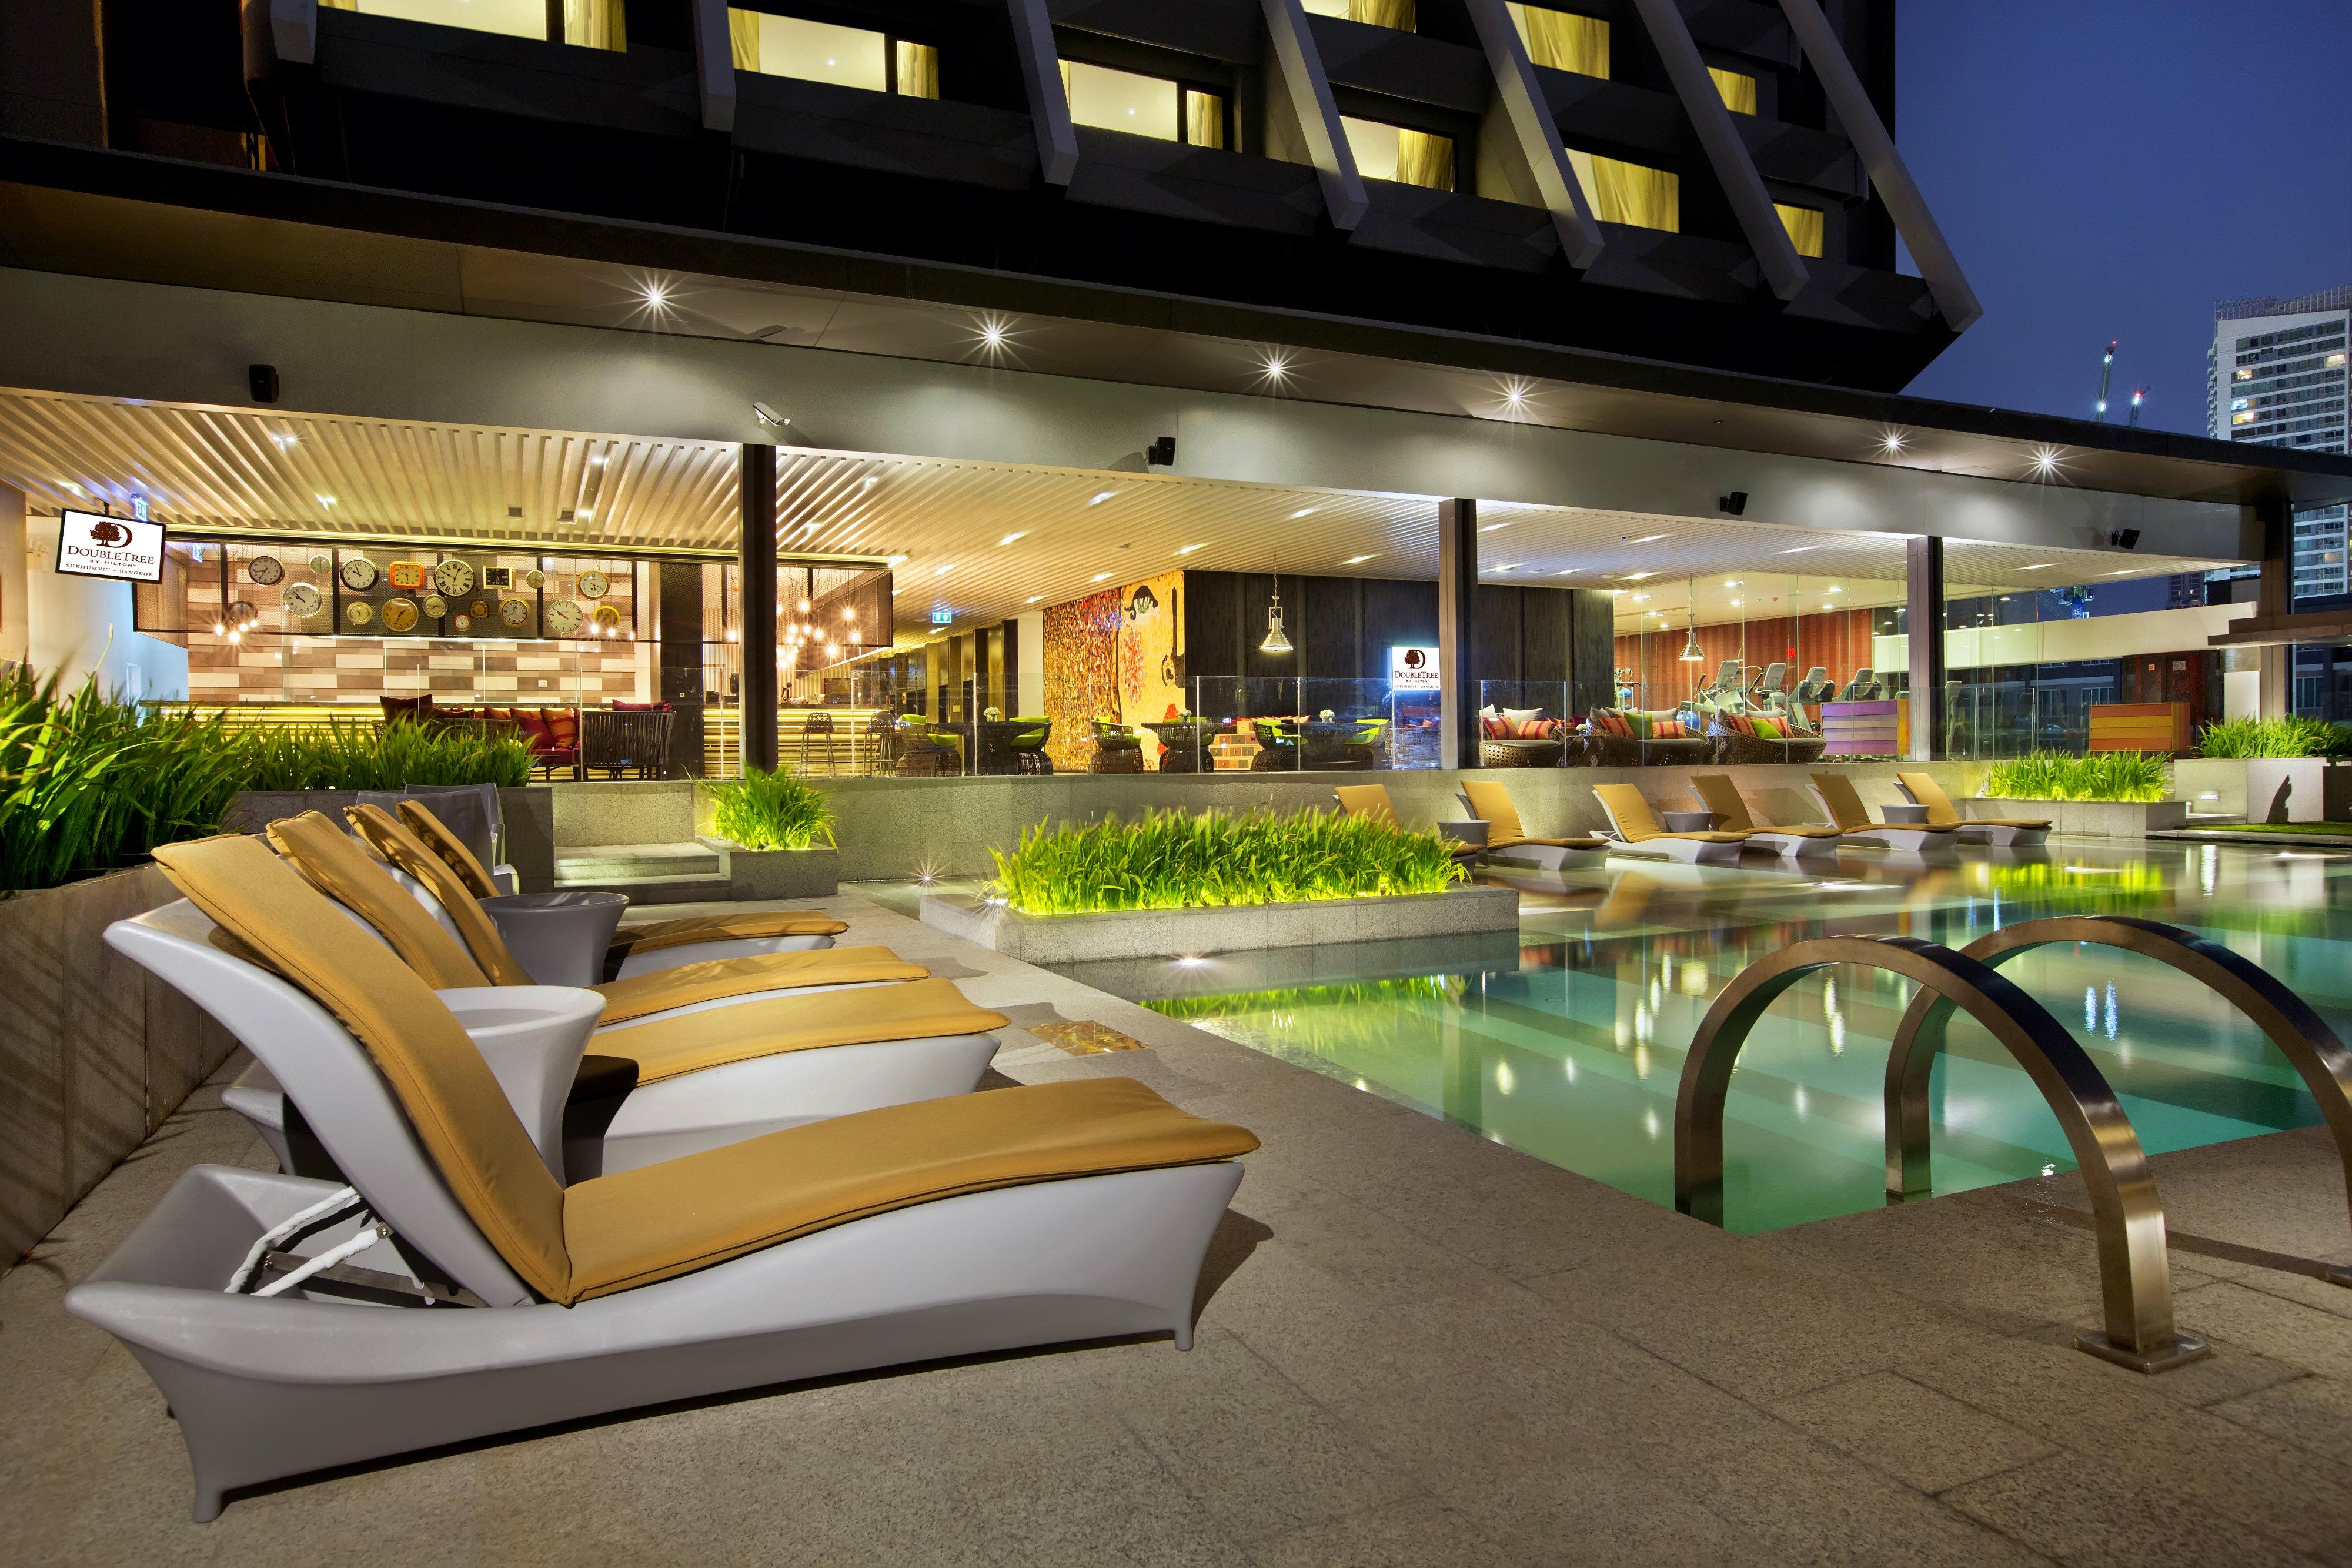 曼谷素坤逸希尔顿逸林酒店